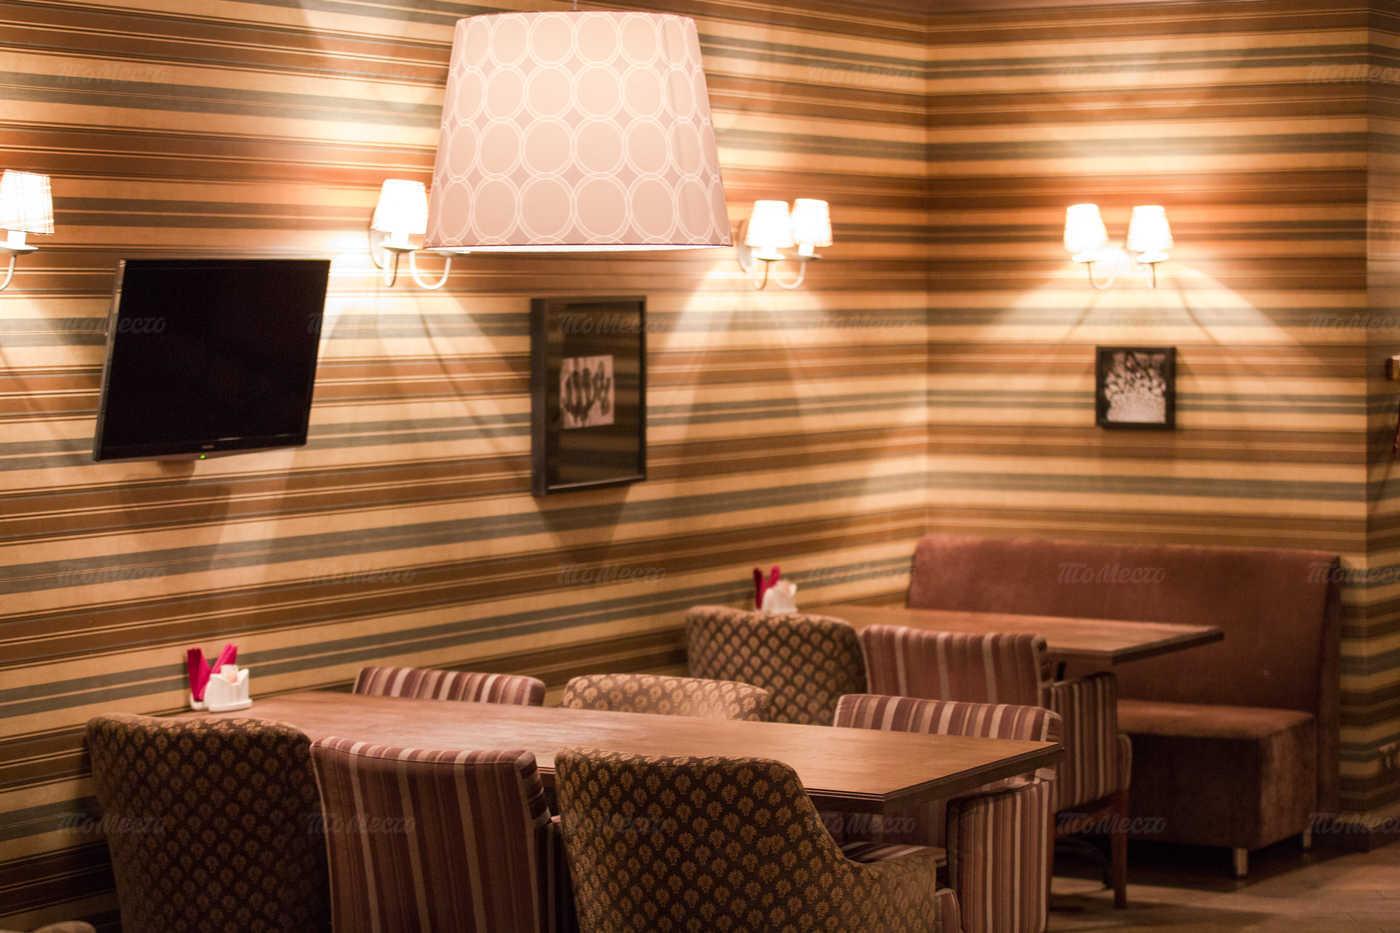 Меню паба, пивного ресторана Мюнхель (Munhell) на проспекте Просвещения